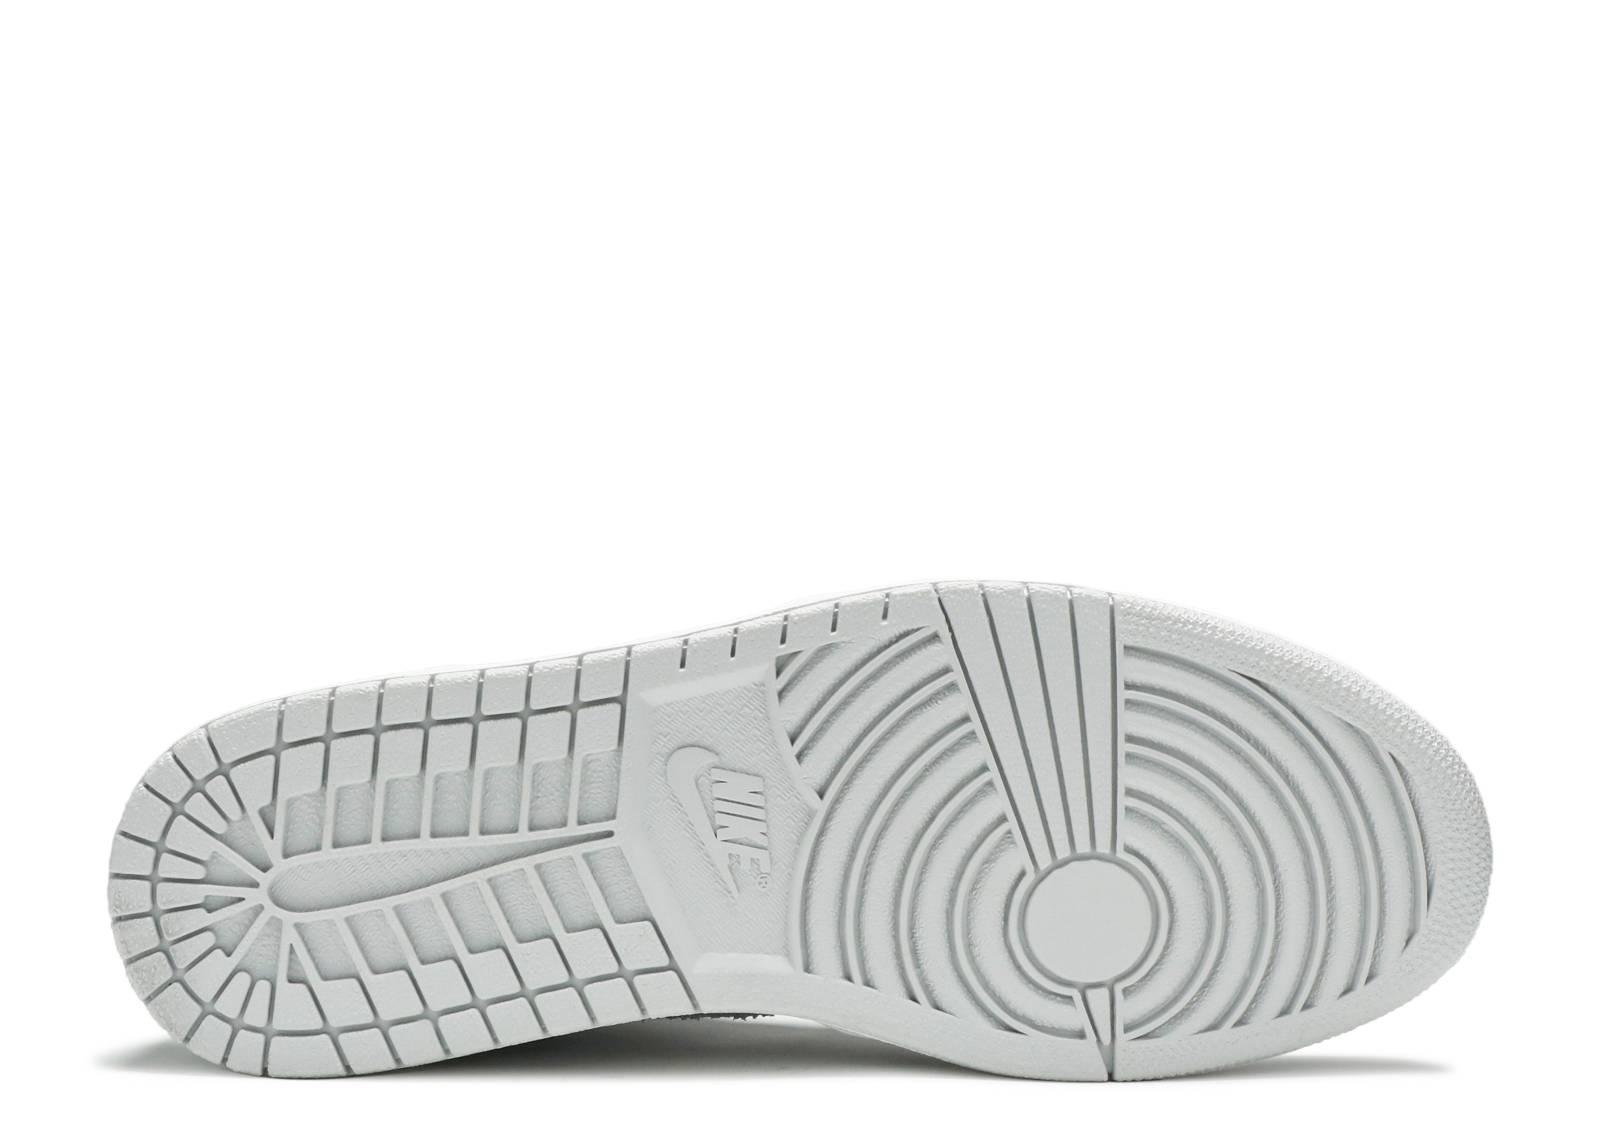 new product 89265 2b9bf Air Jordan 1 Retro Hi Silver